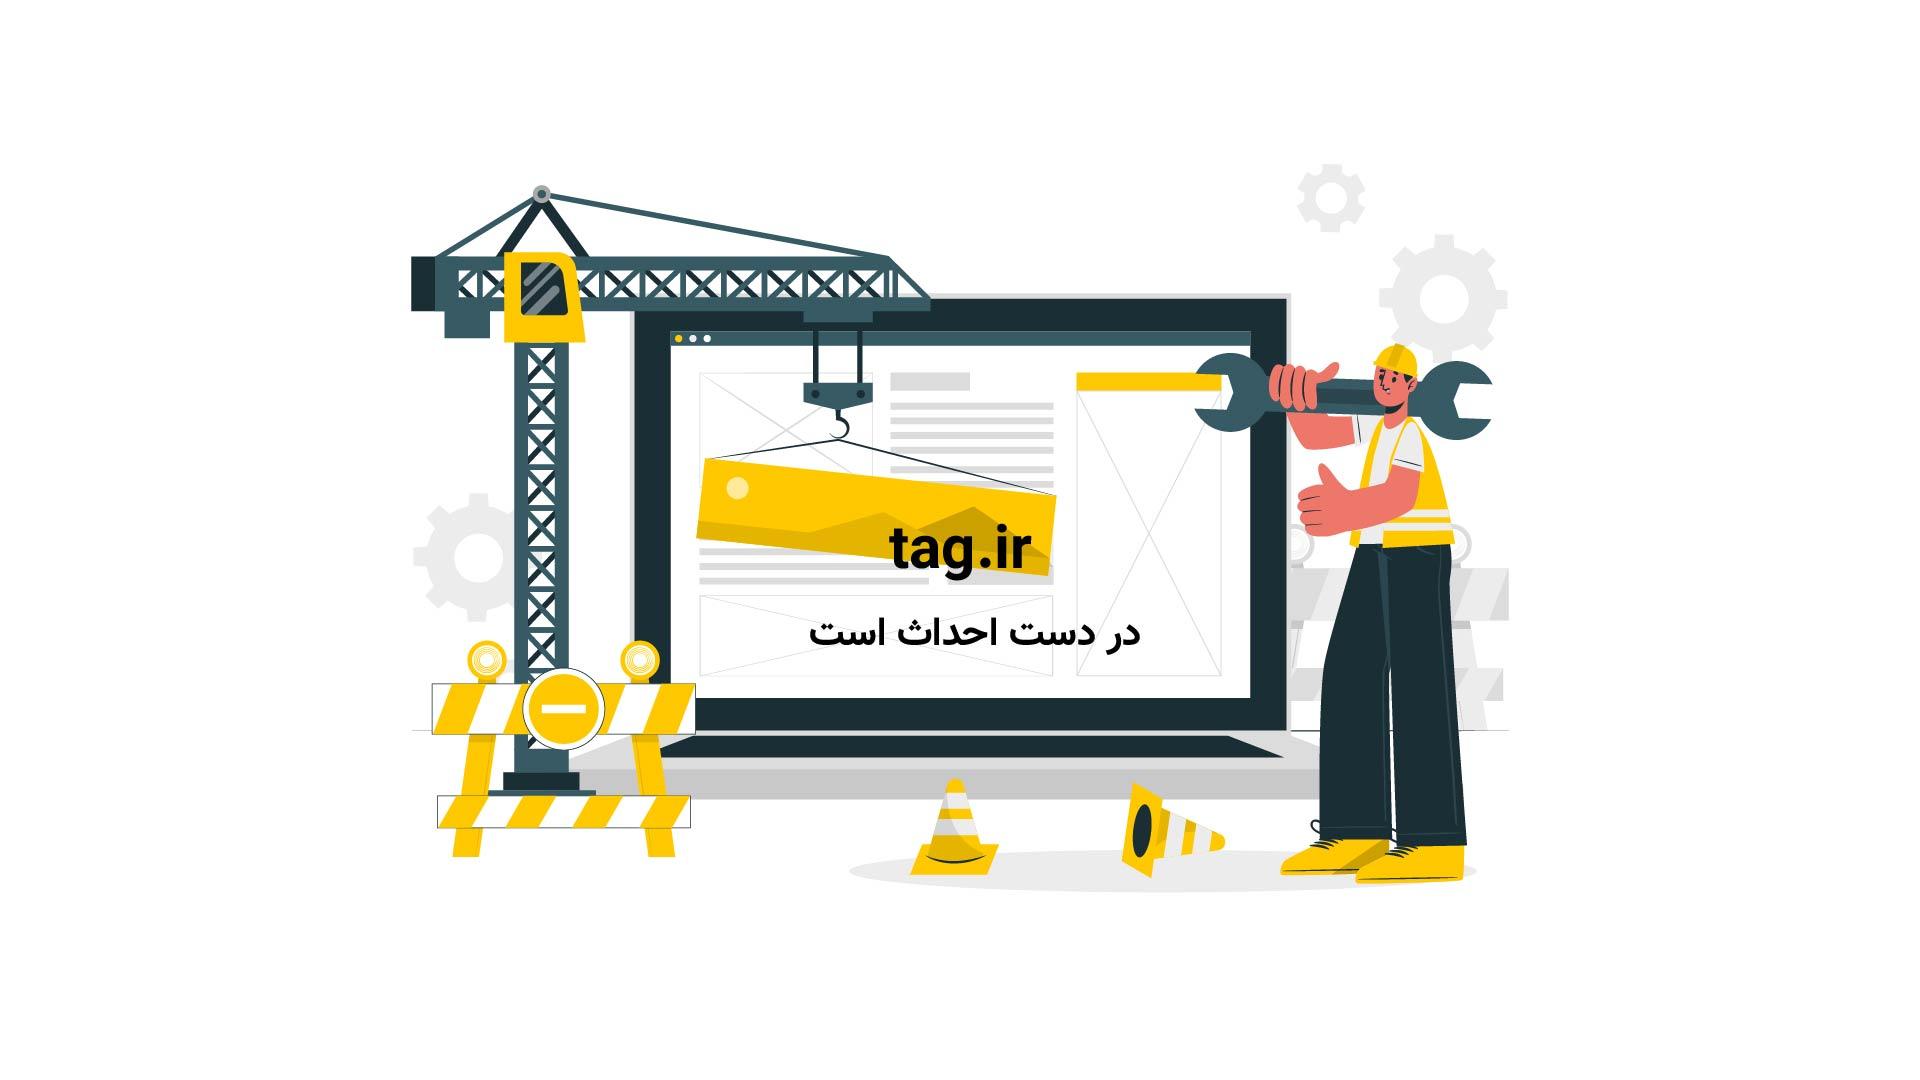 وضعیت شش ها درصورت مصرف دخانیات | فیلم